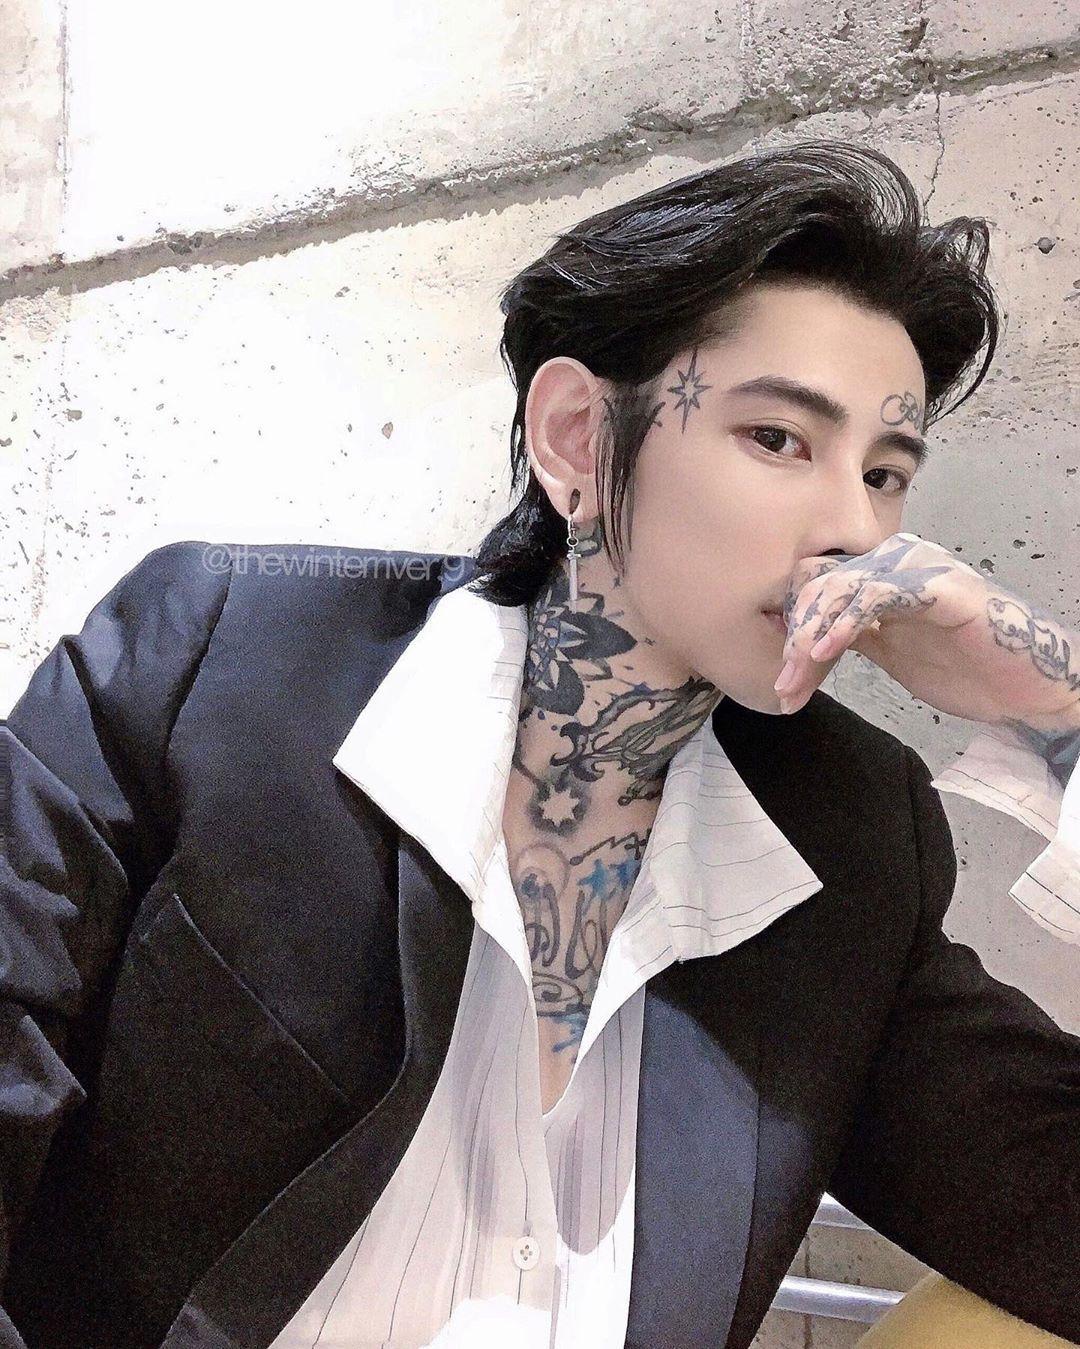 정원 no Instagram: 👁👁 in 2020 | Korean boys hot, Ulzzang